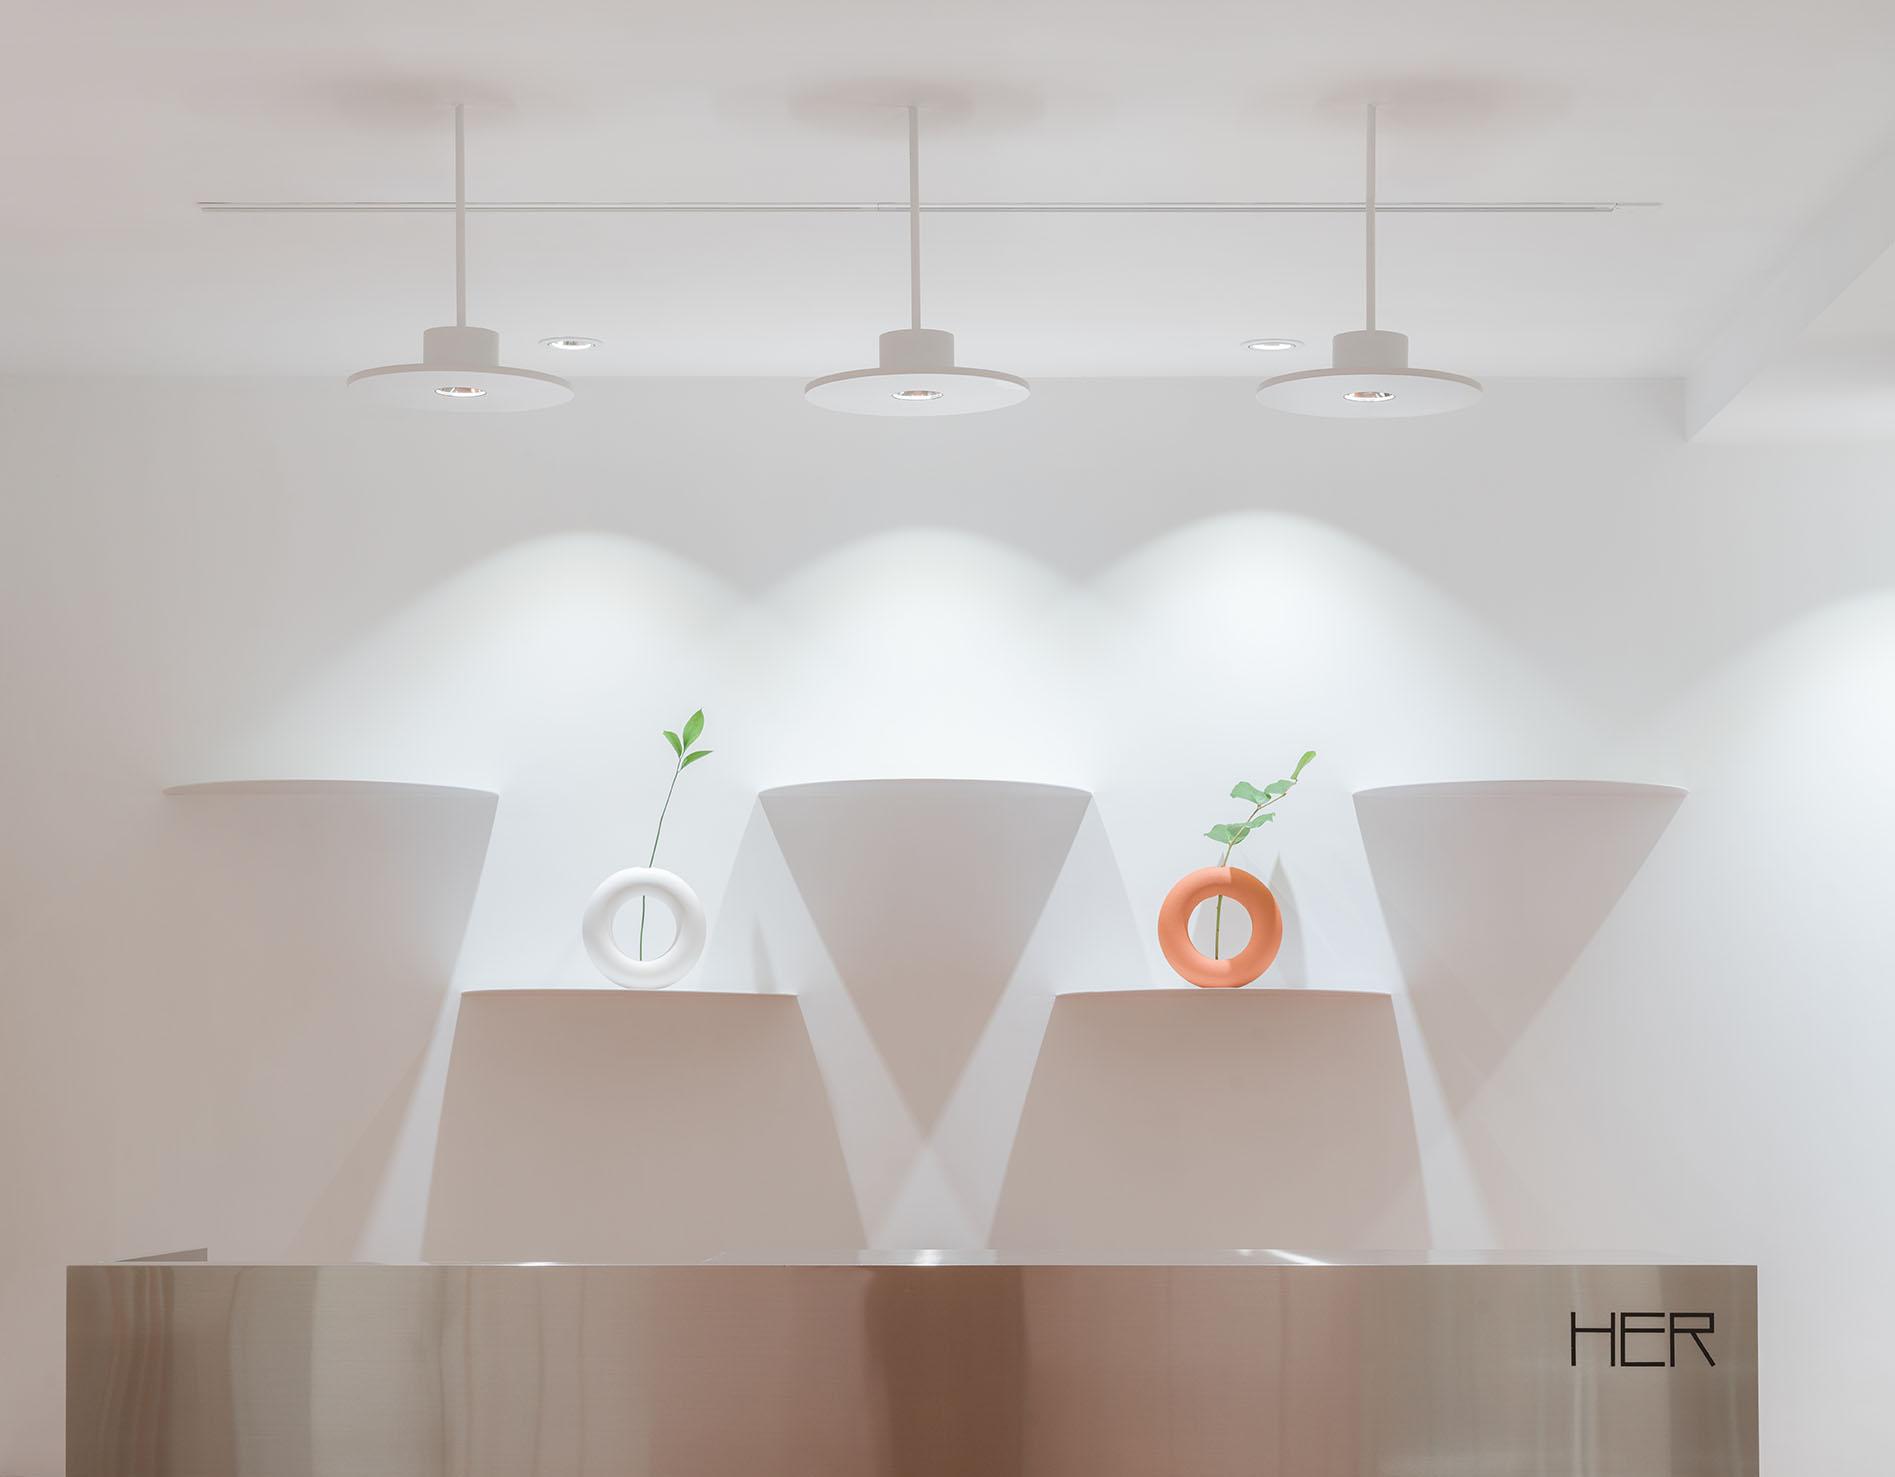 Clap-Studio-interior-design-retail-HER-Hilary-Tsui-hong-kong-dirección-artistica